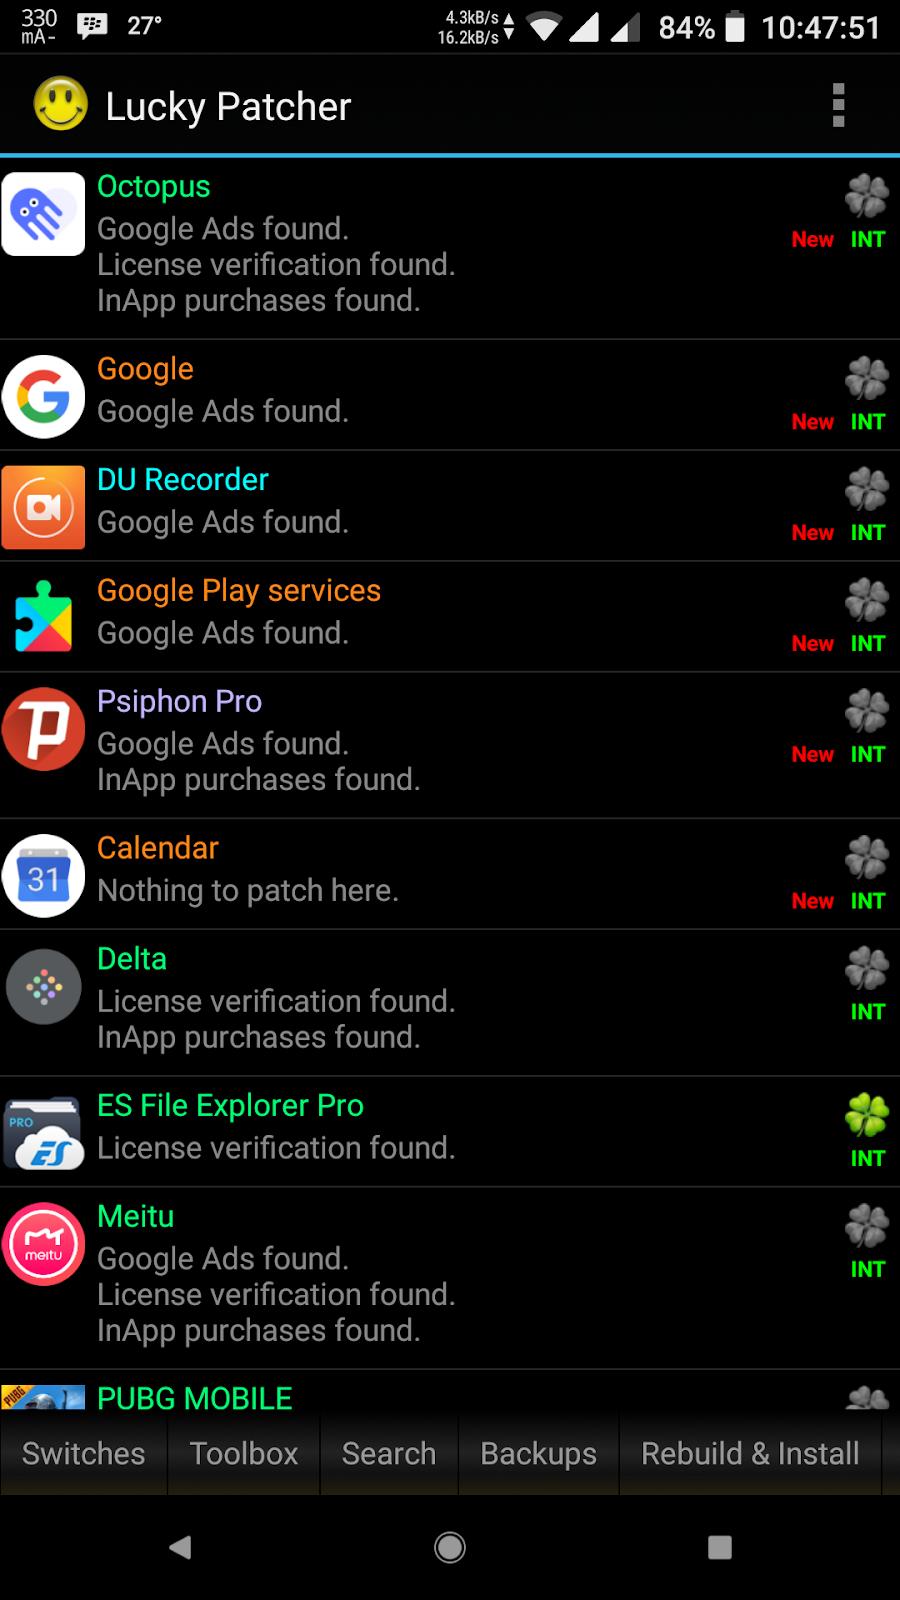 Cara Membuat Aplikasi Android Menjadi Premium Secara Gratis Terbaru Yuusroon